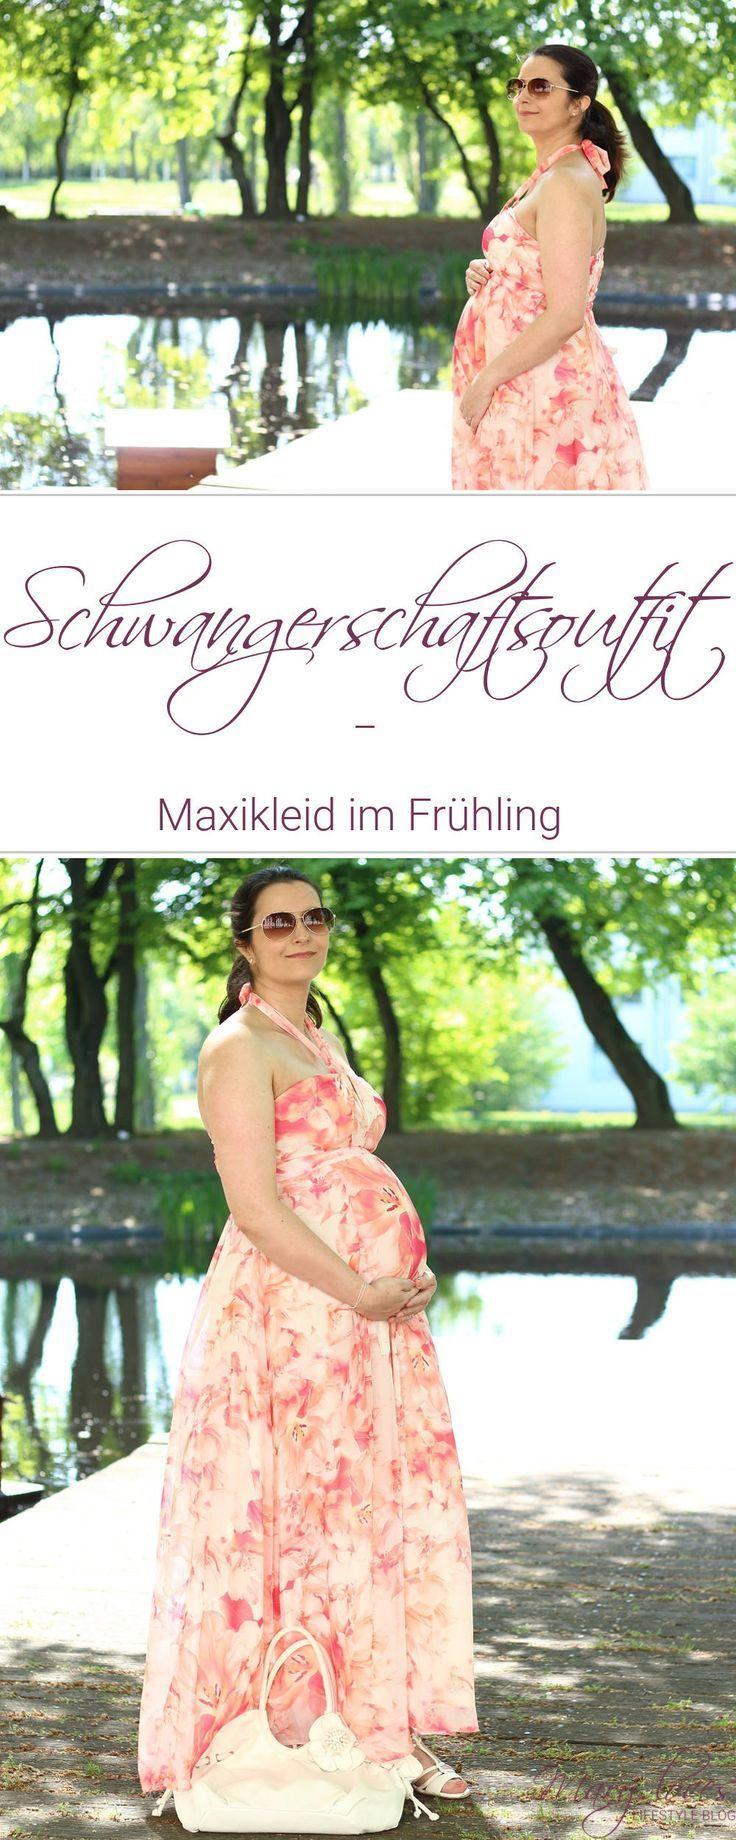 Schwangerschaftsoutfit: Maxikleid im Frühling - Mary Loves